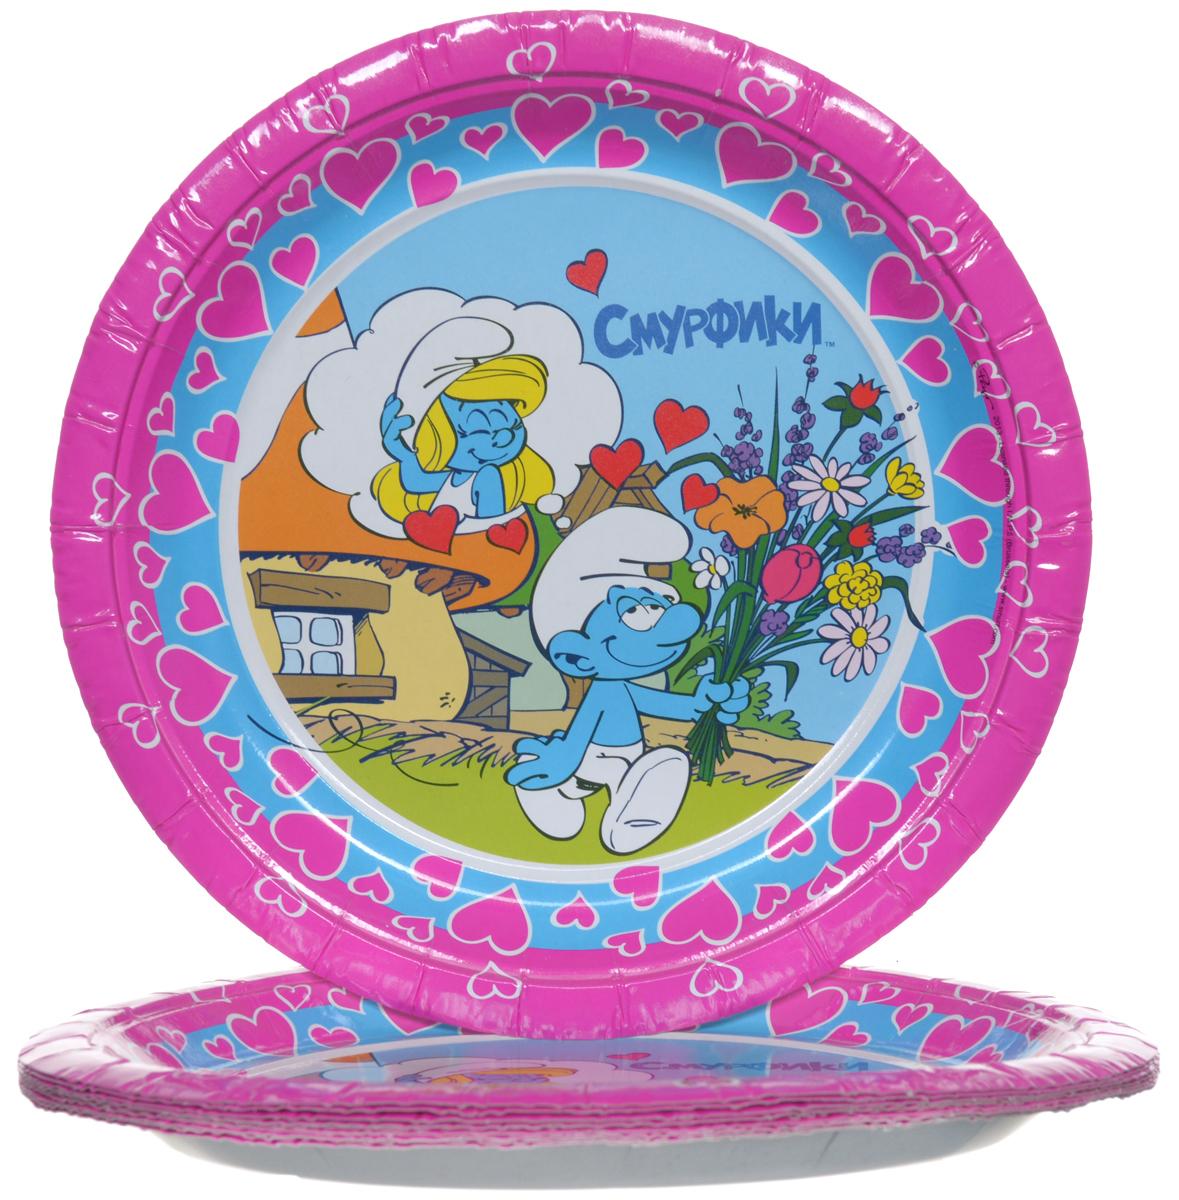 Смурфики Набор одноразовых тарелок цвет розовый 10 шт 2364423644Одноразовые тарелки прочно вошли в современную жизнь, и теперь многие люди просто не представляют праздник или пикник без таких нужных вещей: они почти невесомы, не могут разбиться и не нуждаются в мытье. Выполненные из картона одноразовые тарелки Смурфики являются экологически чистыми, поэтому не наносят вреда здоровью. Благодаря глянцевому ламинированию, они прекрасно справляются со своей задачей: удерживают еду, не промокают и не протекают. В наборе 10 тарелок.